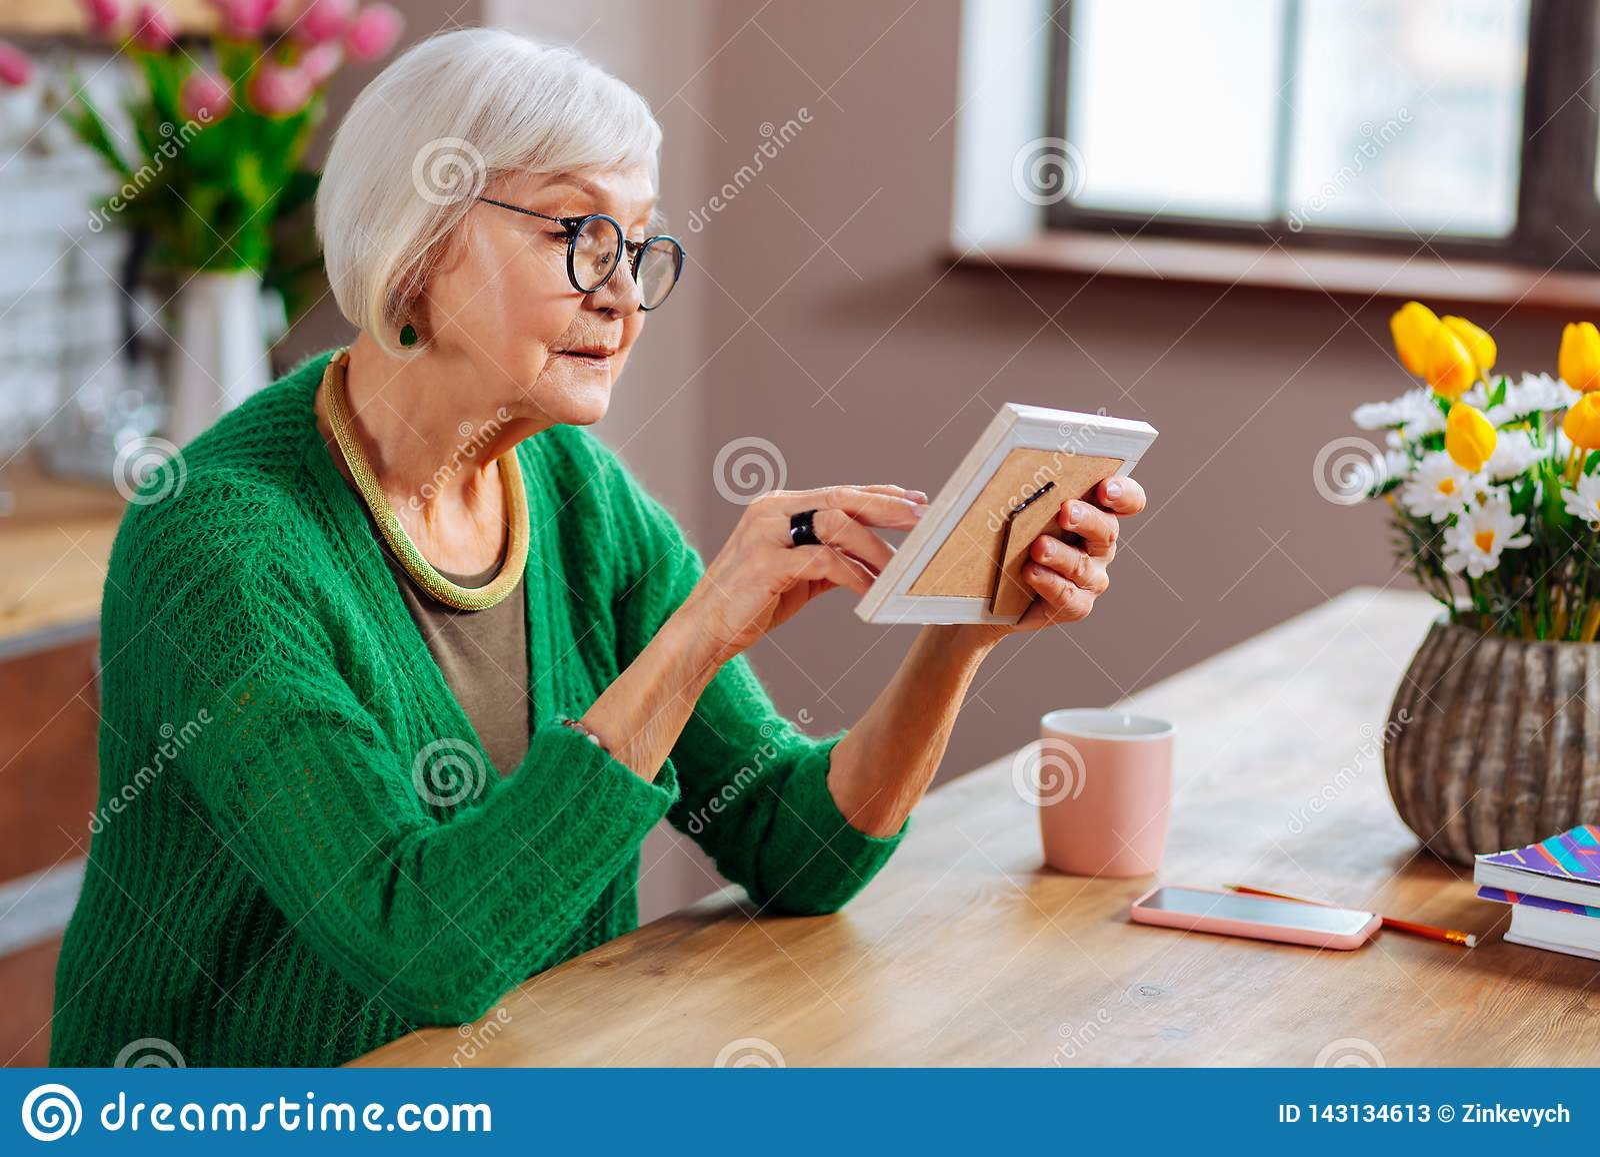 Profielfoto van aantrekkelijk bejaarde wat betreft foto in kader